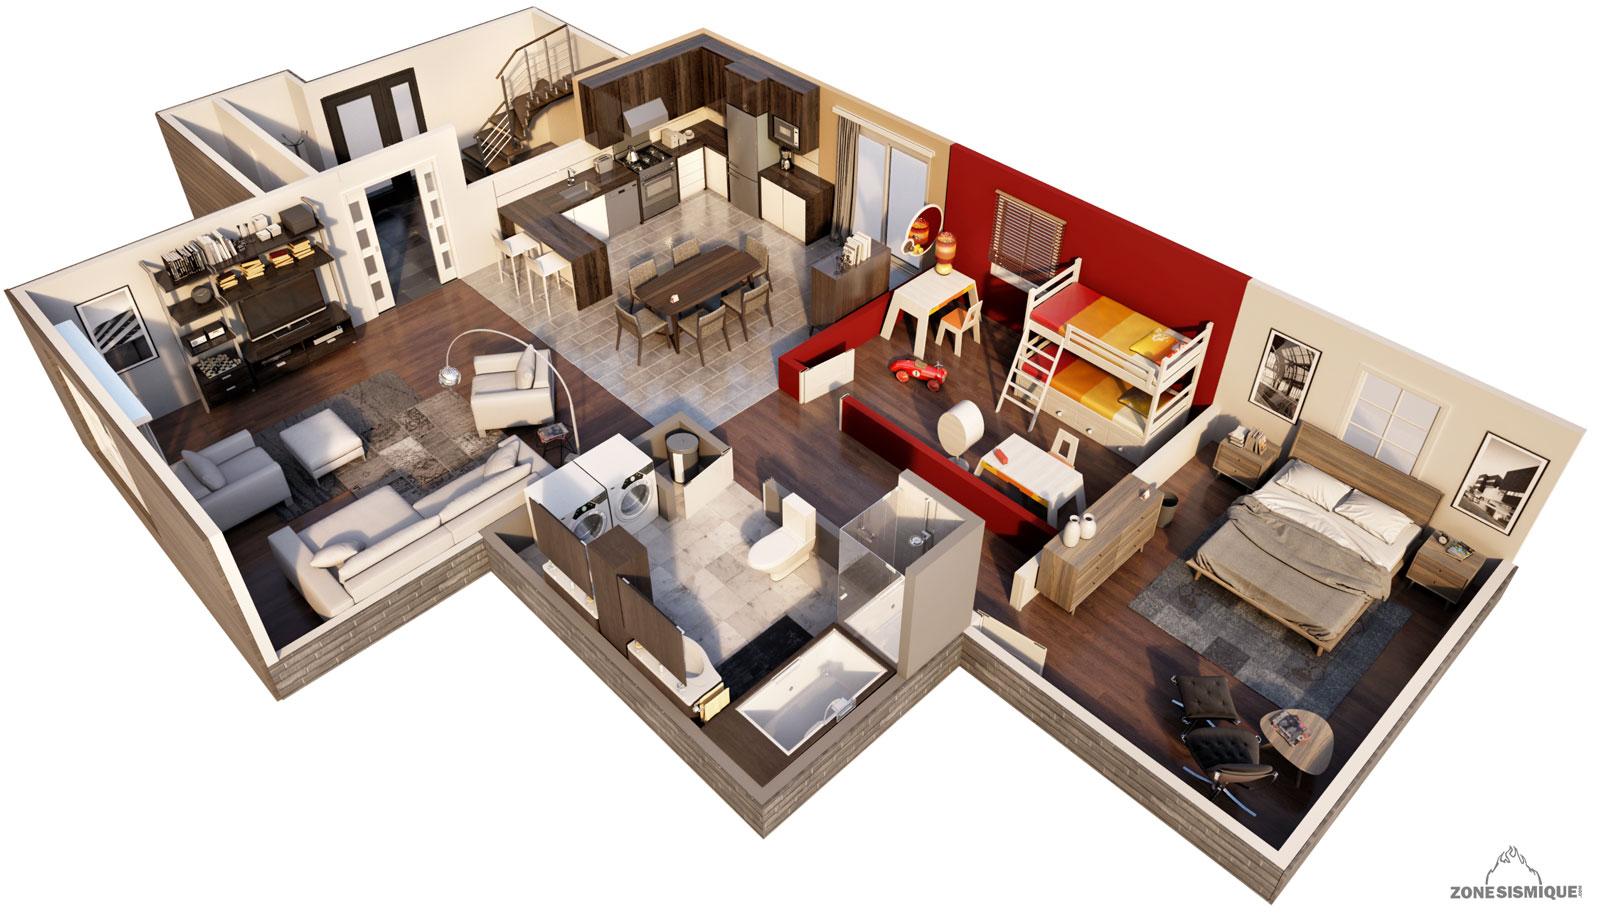 Plan de maison 3d moderne - Plan interieur maison moderne 3d ...